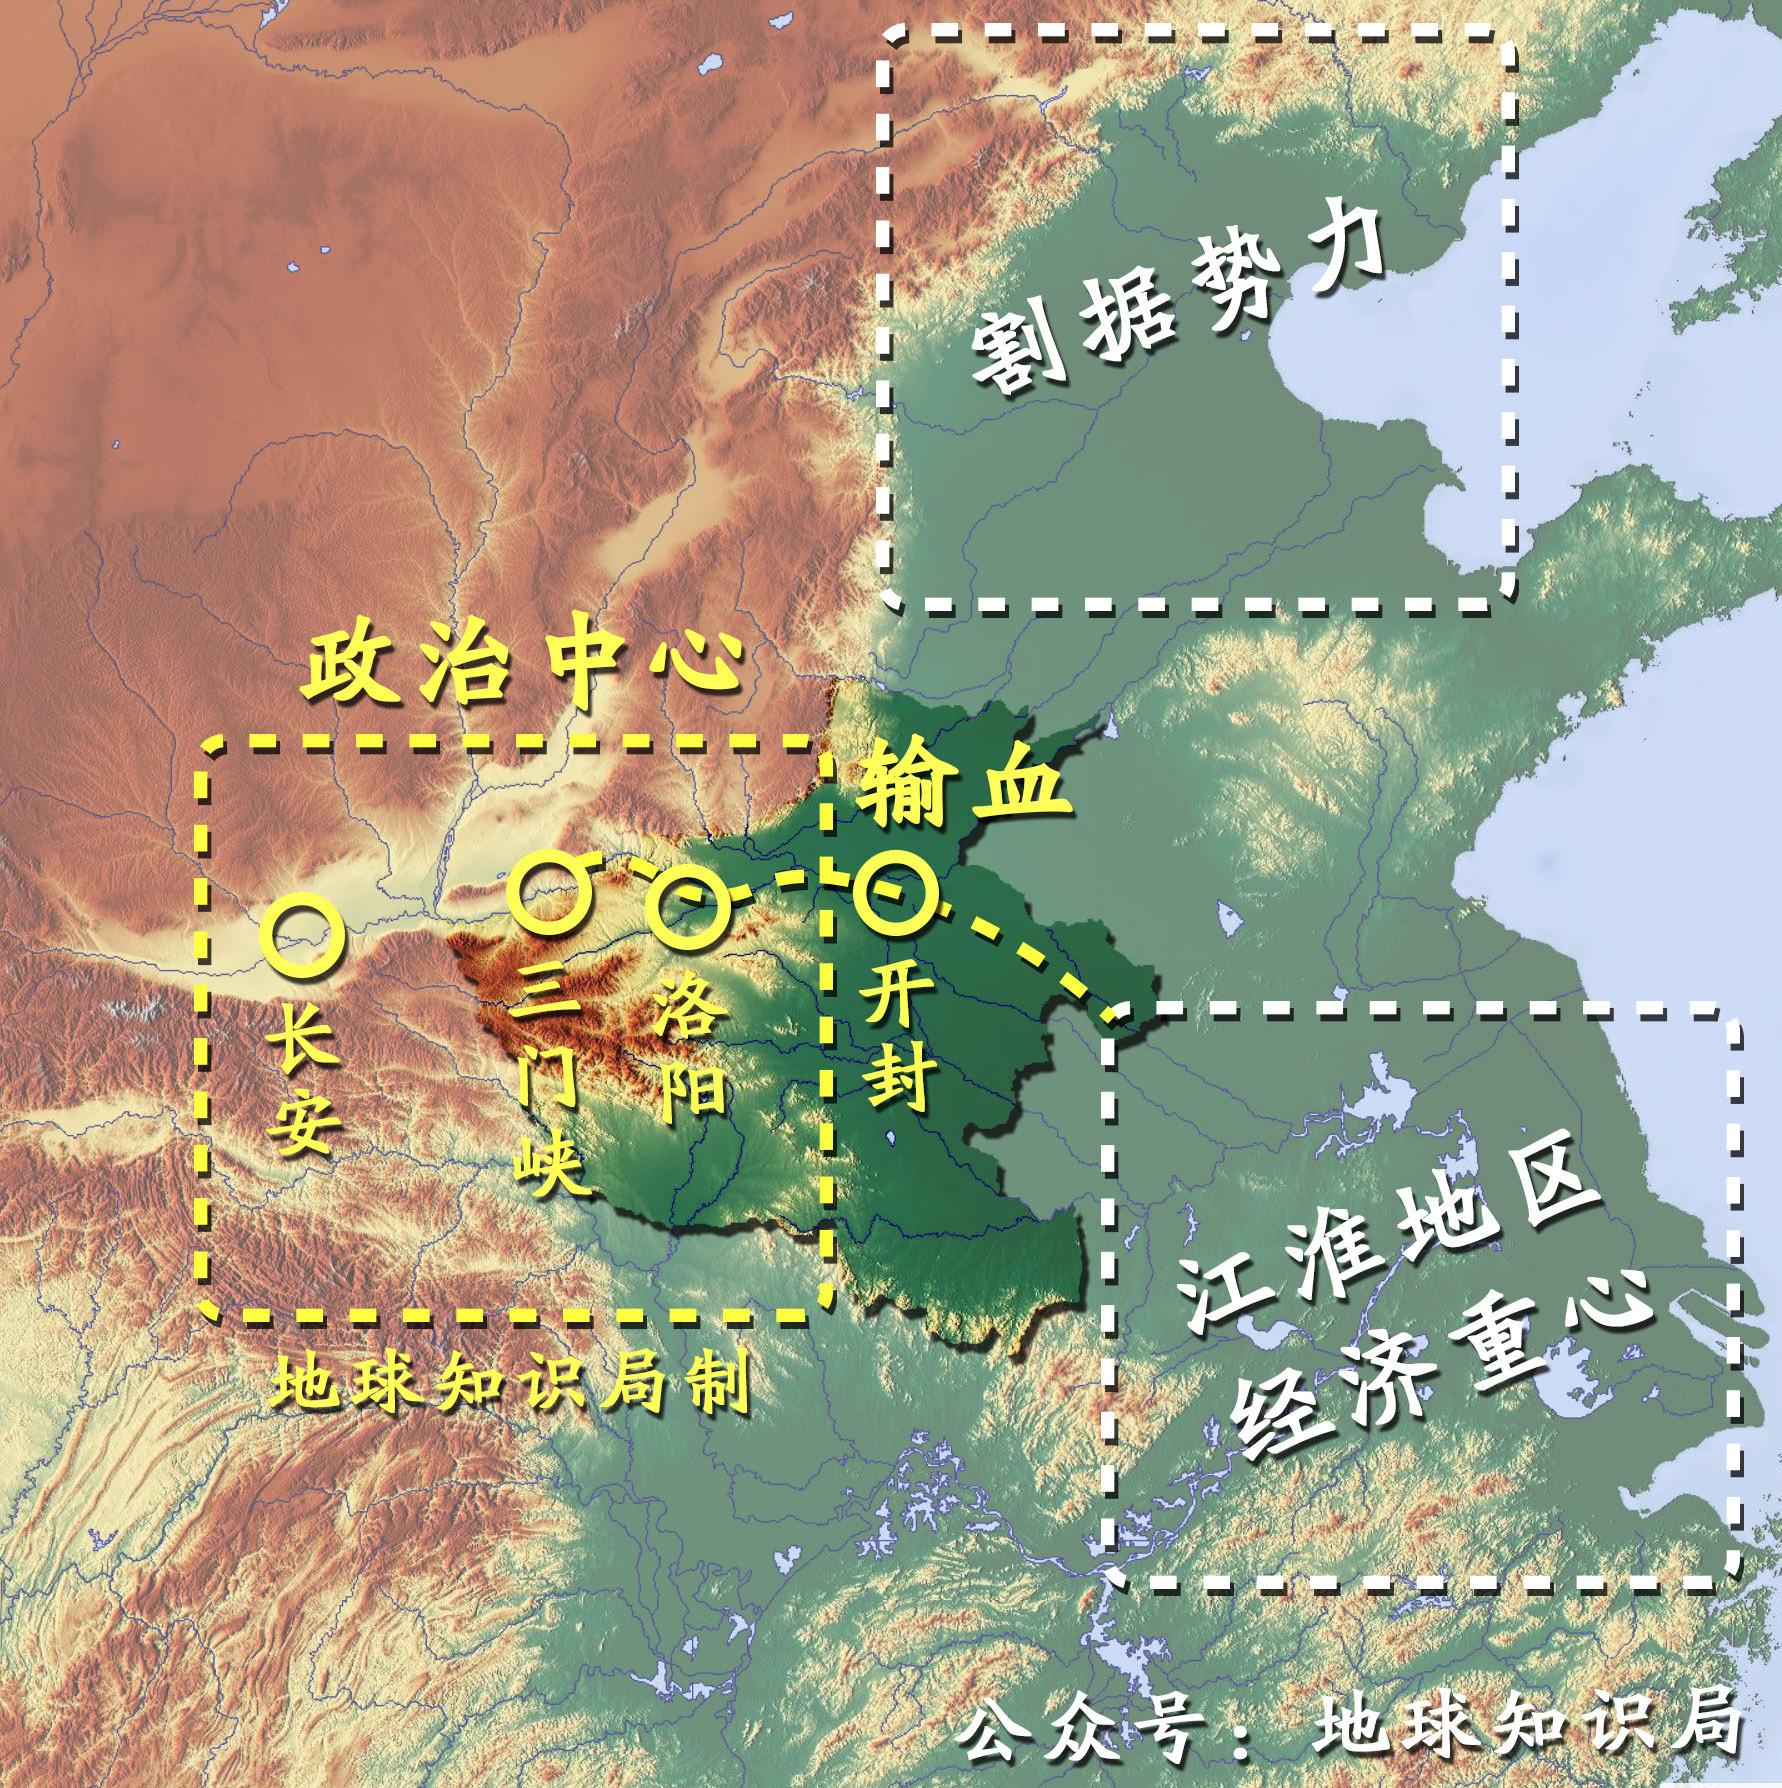 京杭大运河苏州段的景像